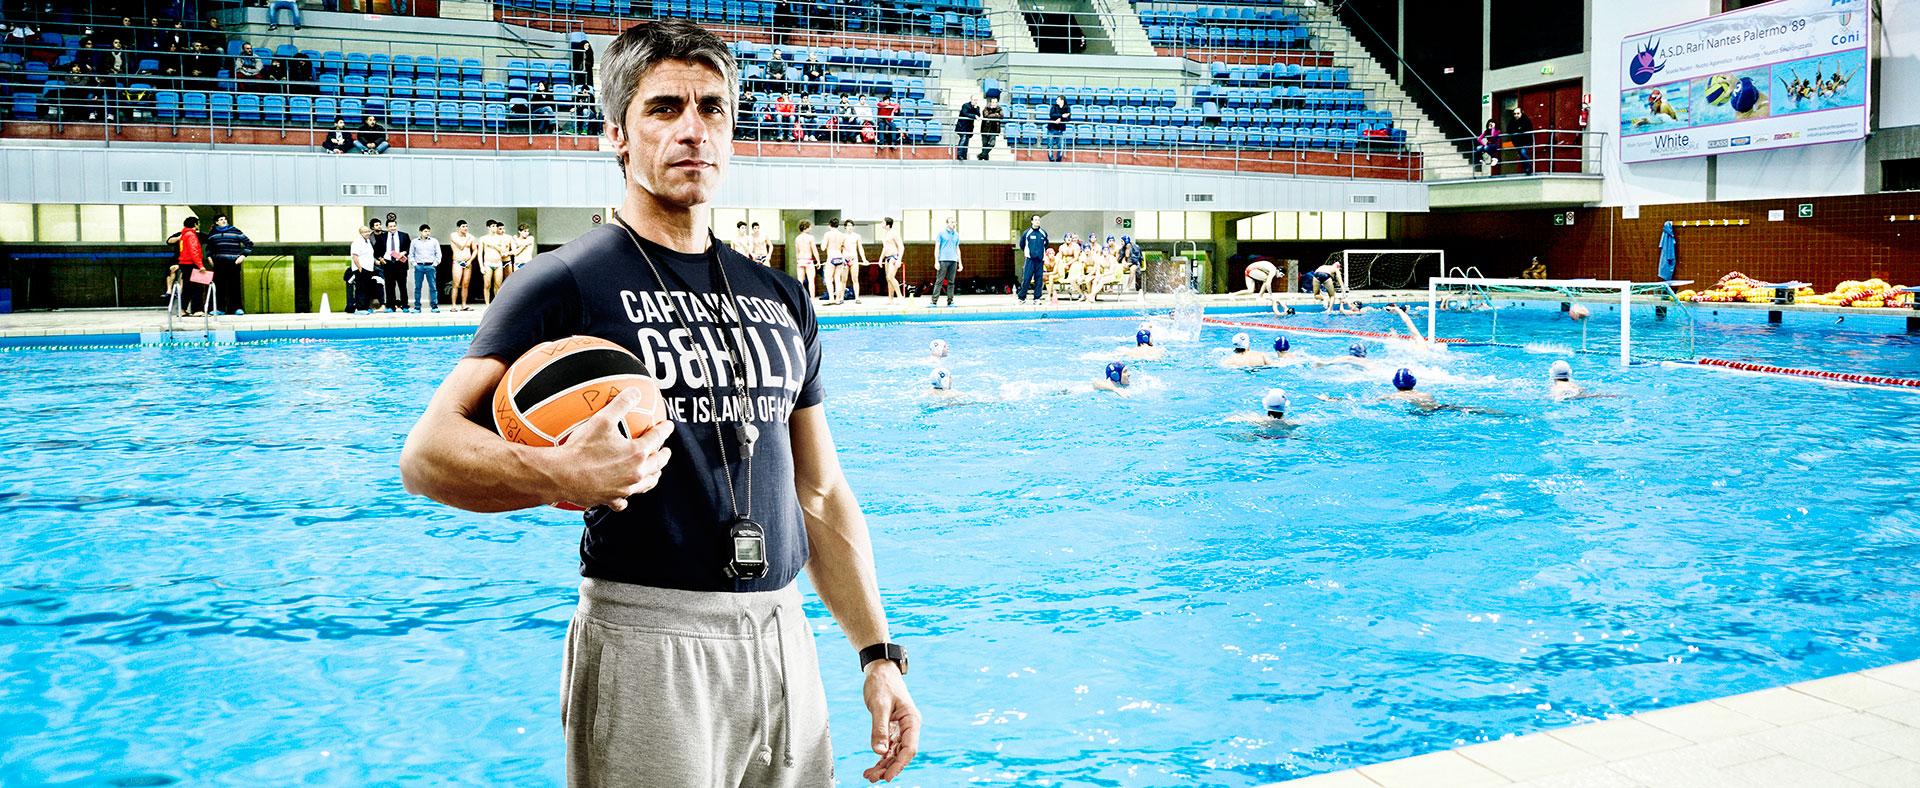 Antonio Piccione